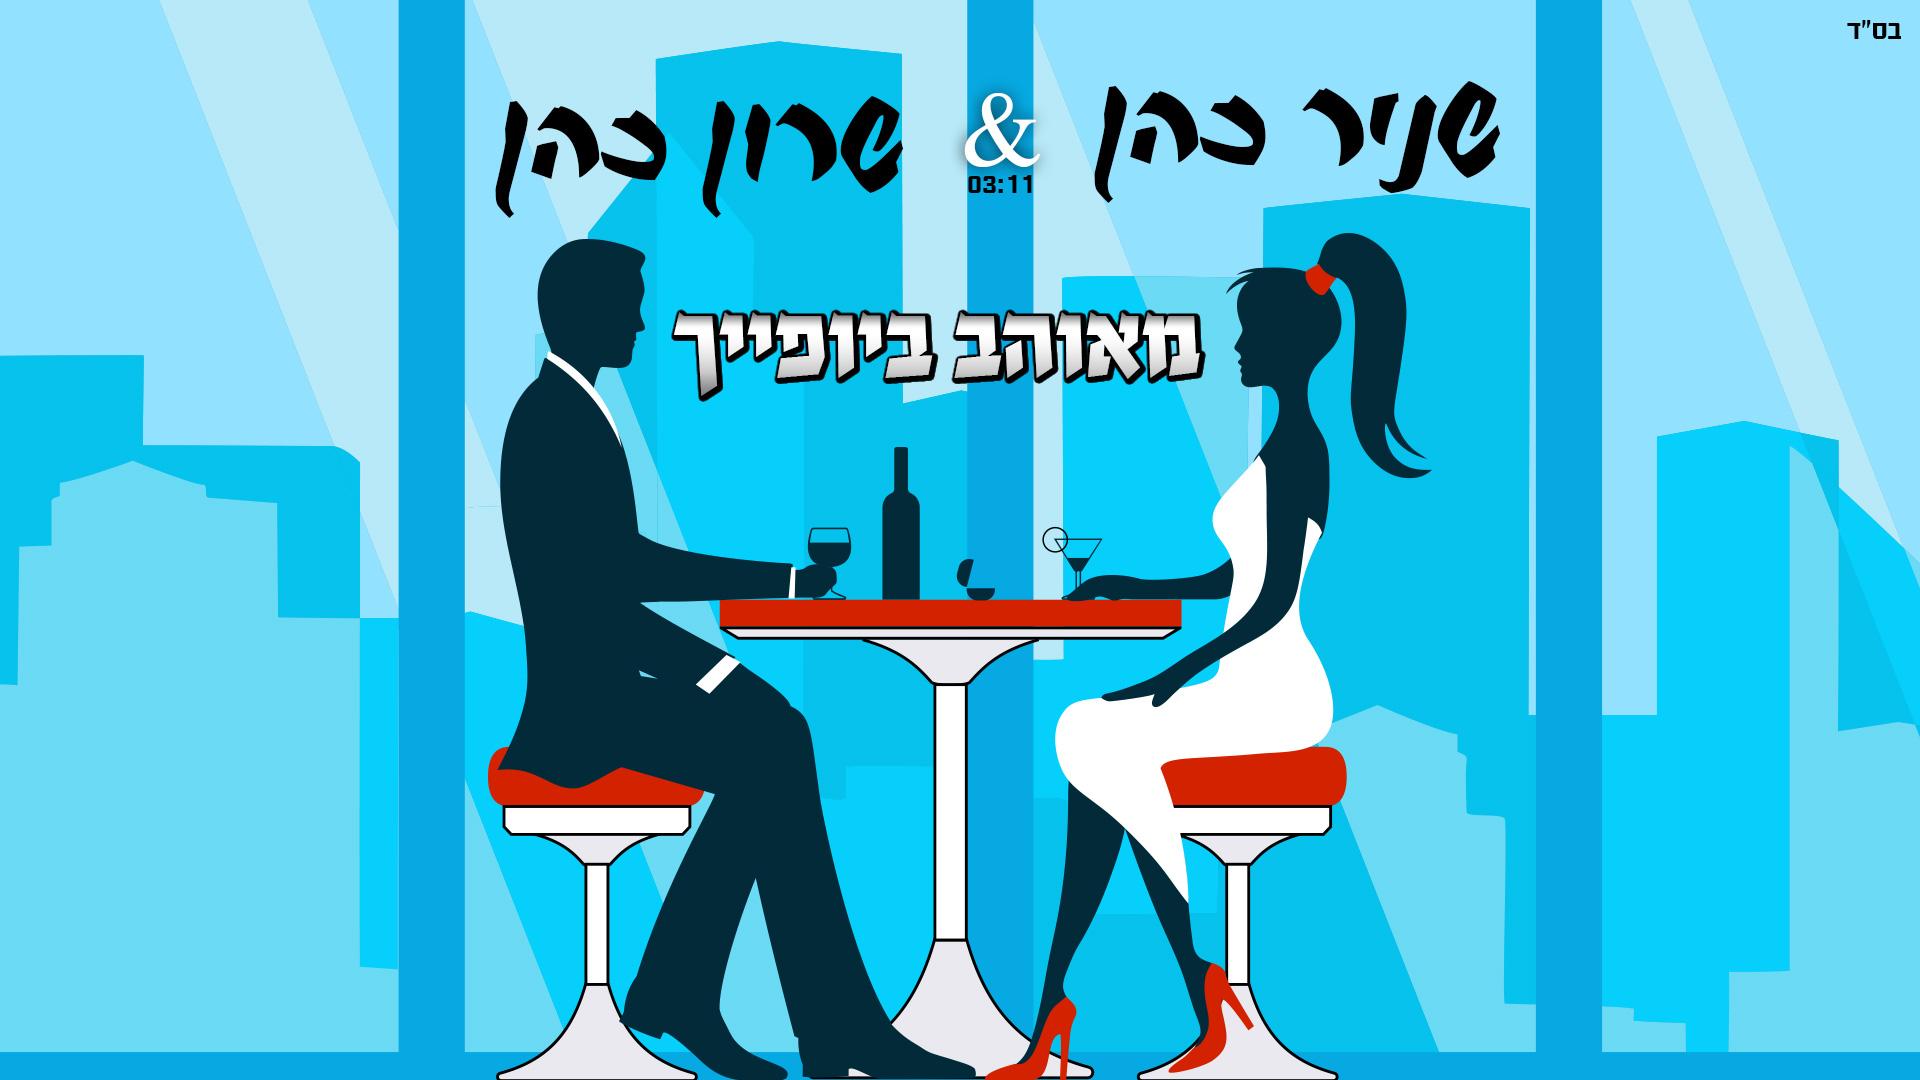 שניר כהן  שרון כהן – מאוהב ביופייך